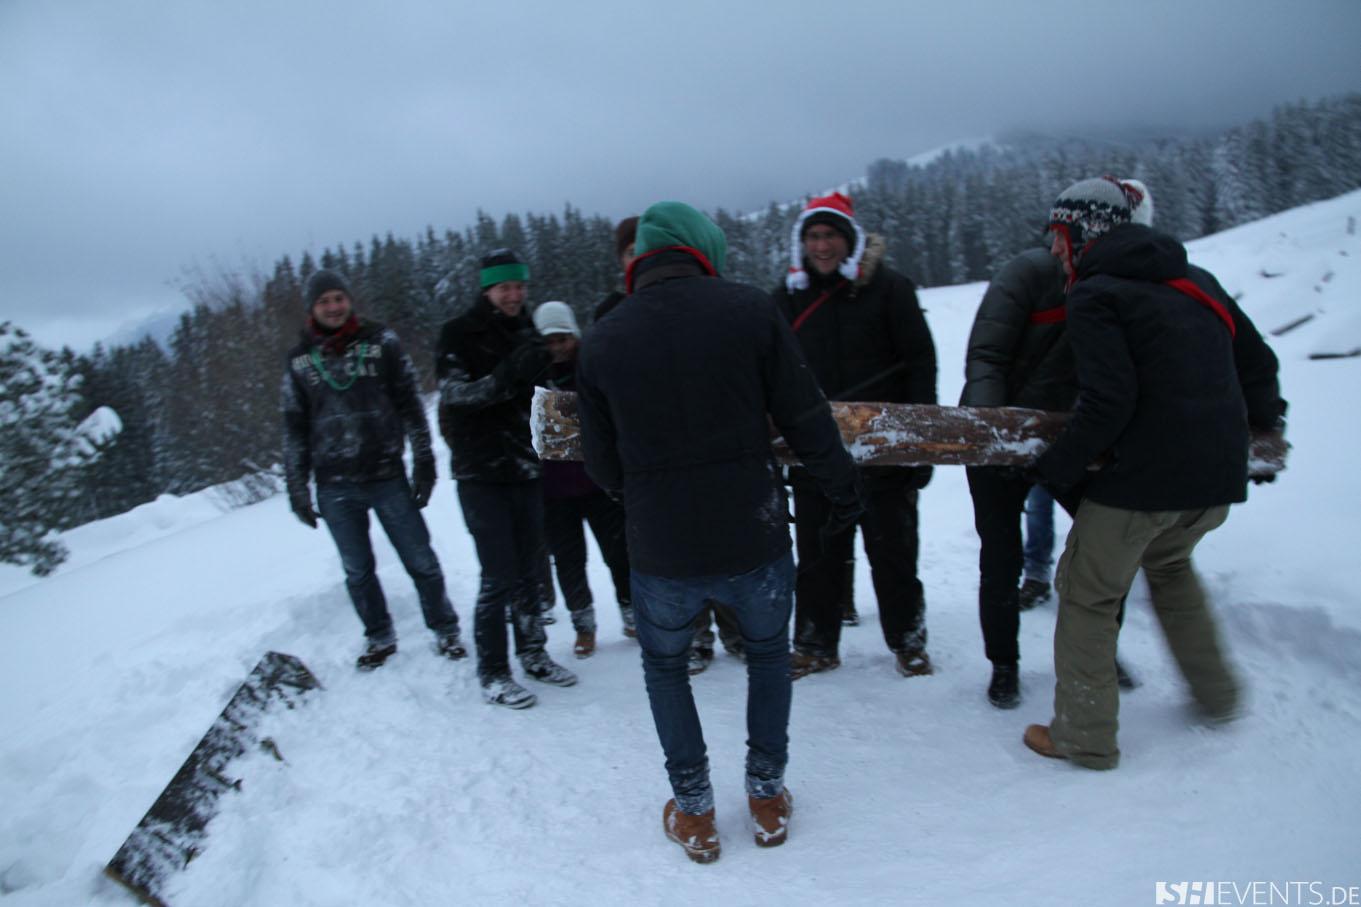 Gäste beim Baumstammweitwurf im Schnee